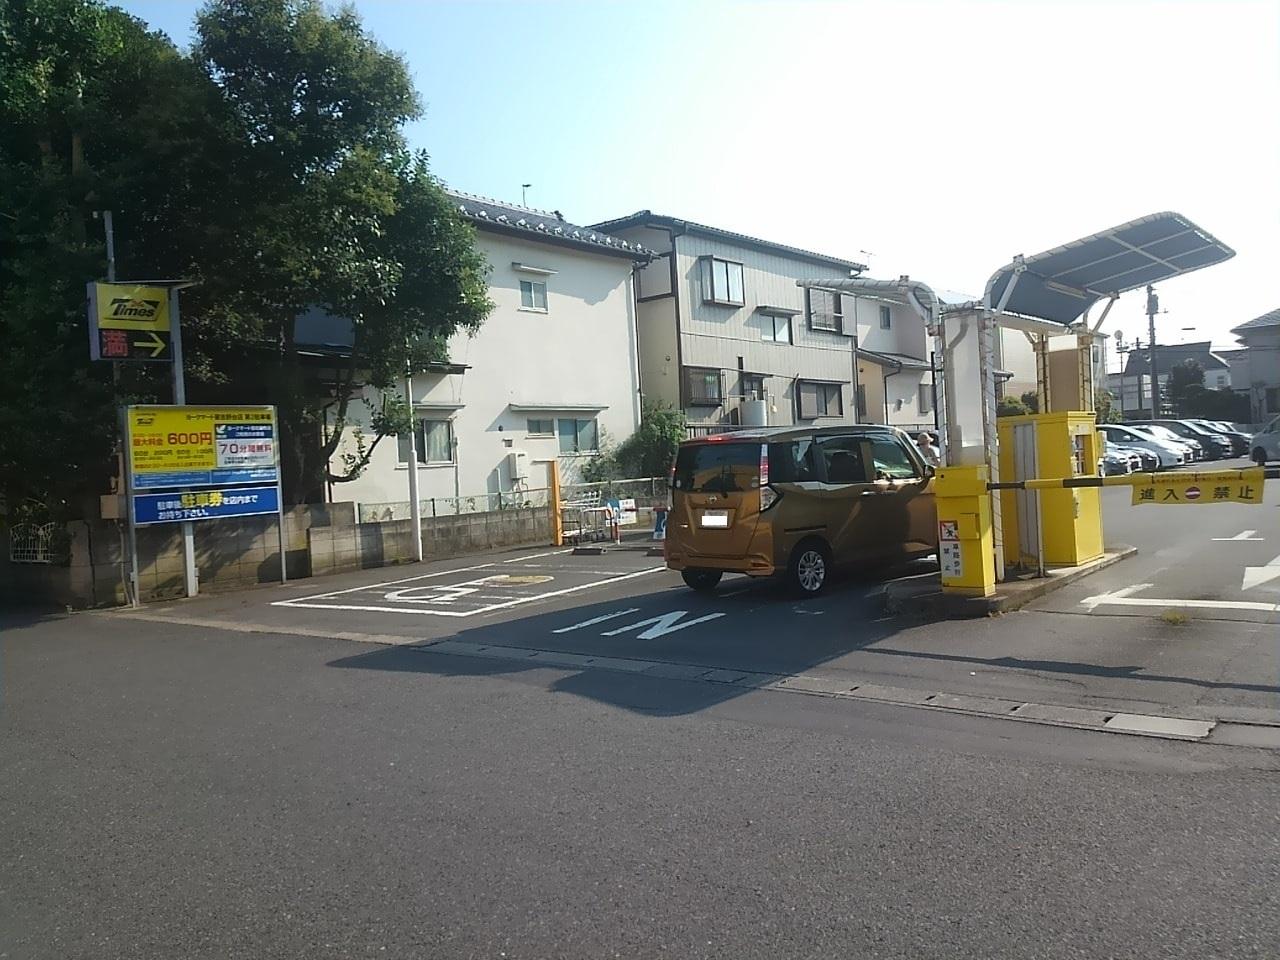 習志野駐屯地の夏祭りの駐車場